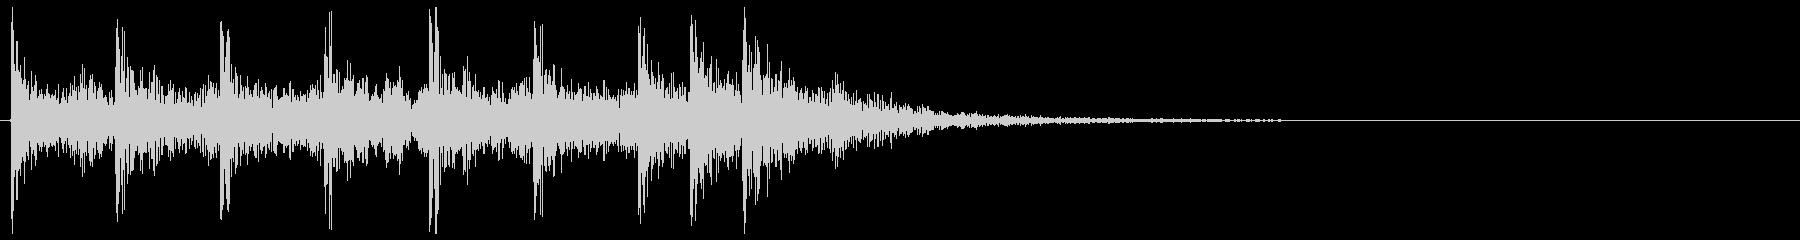 ティンパニ、打楽器の場面転換 クリアの未再生の波形